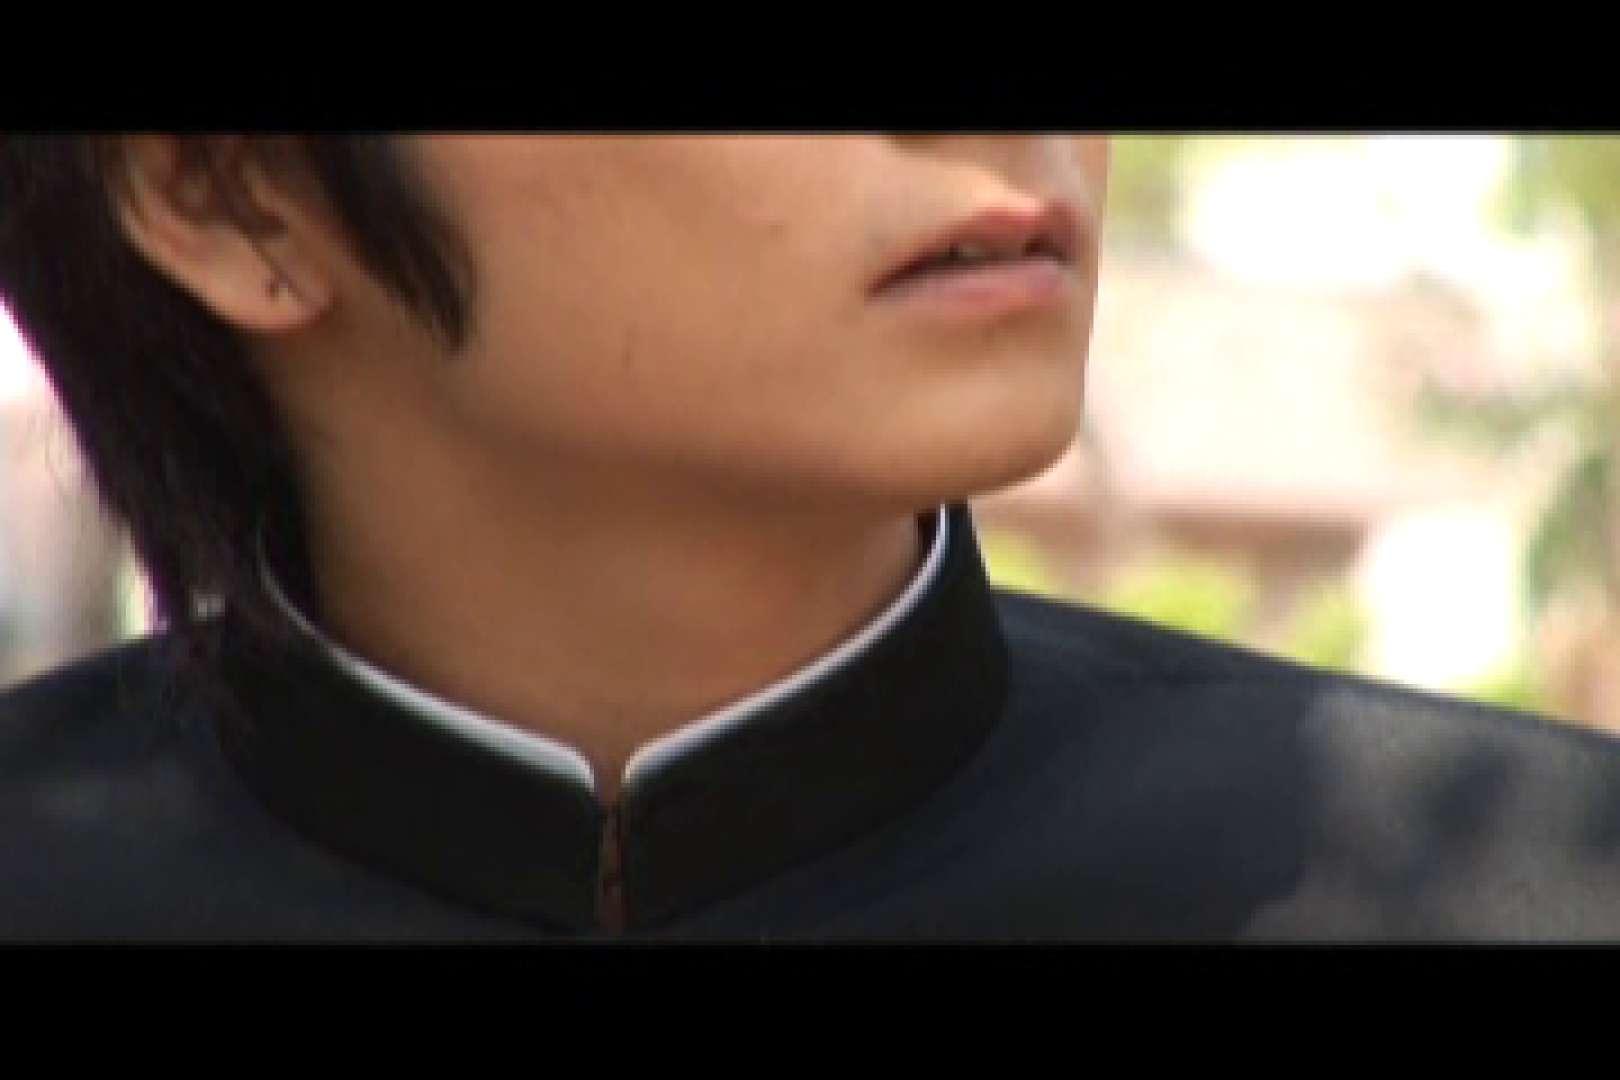 美男子コレクションvol7 イケメンたち | 男祭り  60枚 13